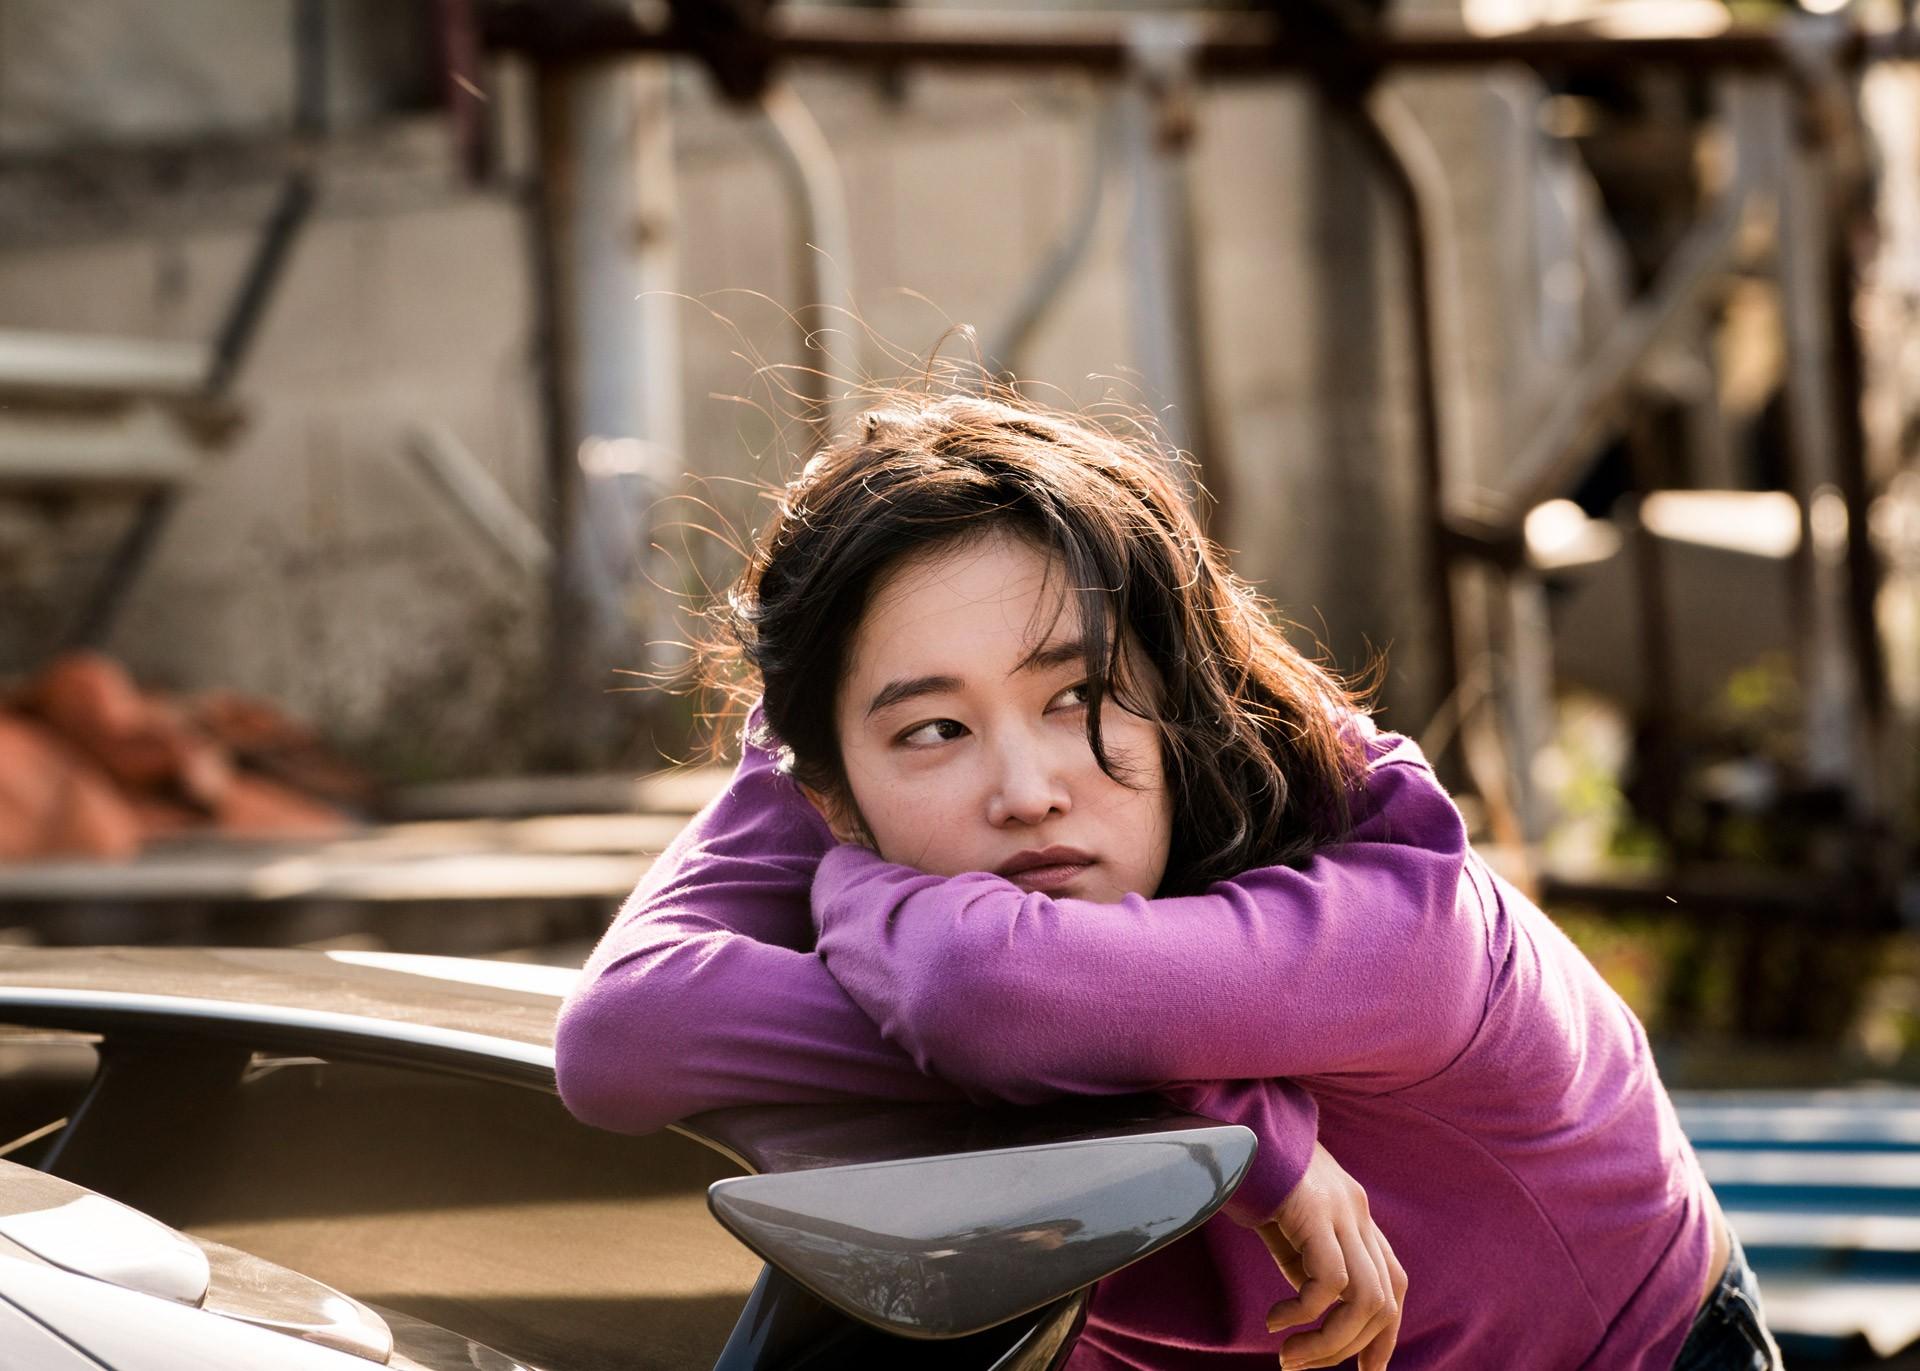 Tuyệt tác Hàn Quốc Burning: Tuổi trẻ hoang hoải và phi lý giữa xã hội hiện đại - Ảnh 5.